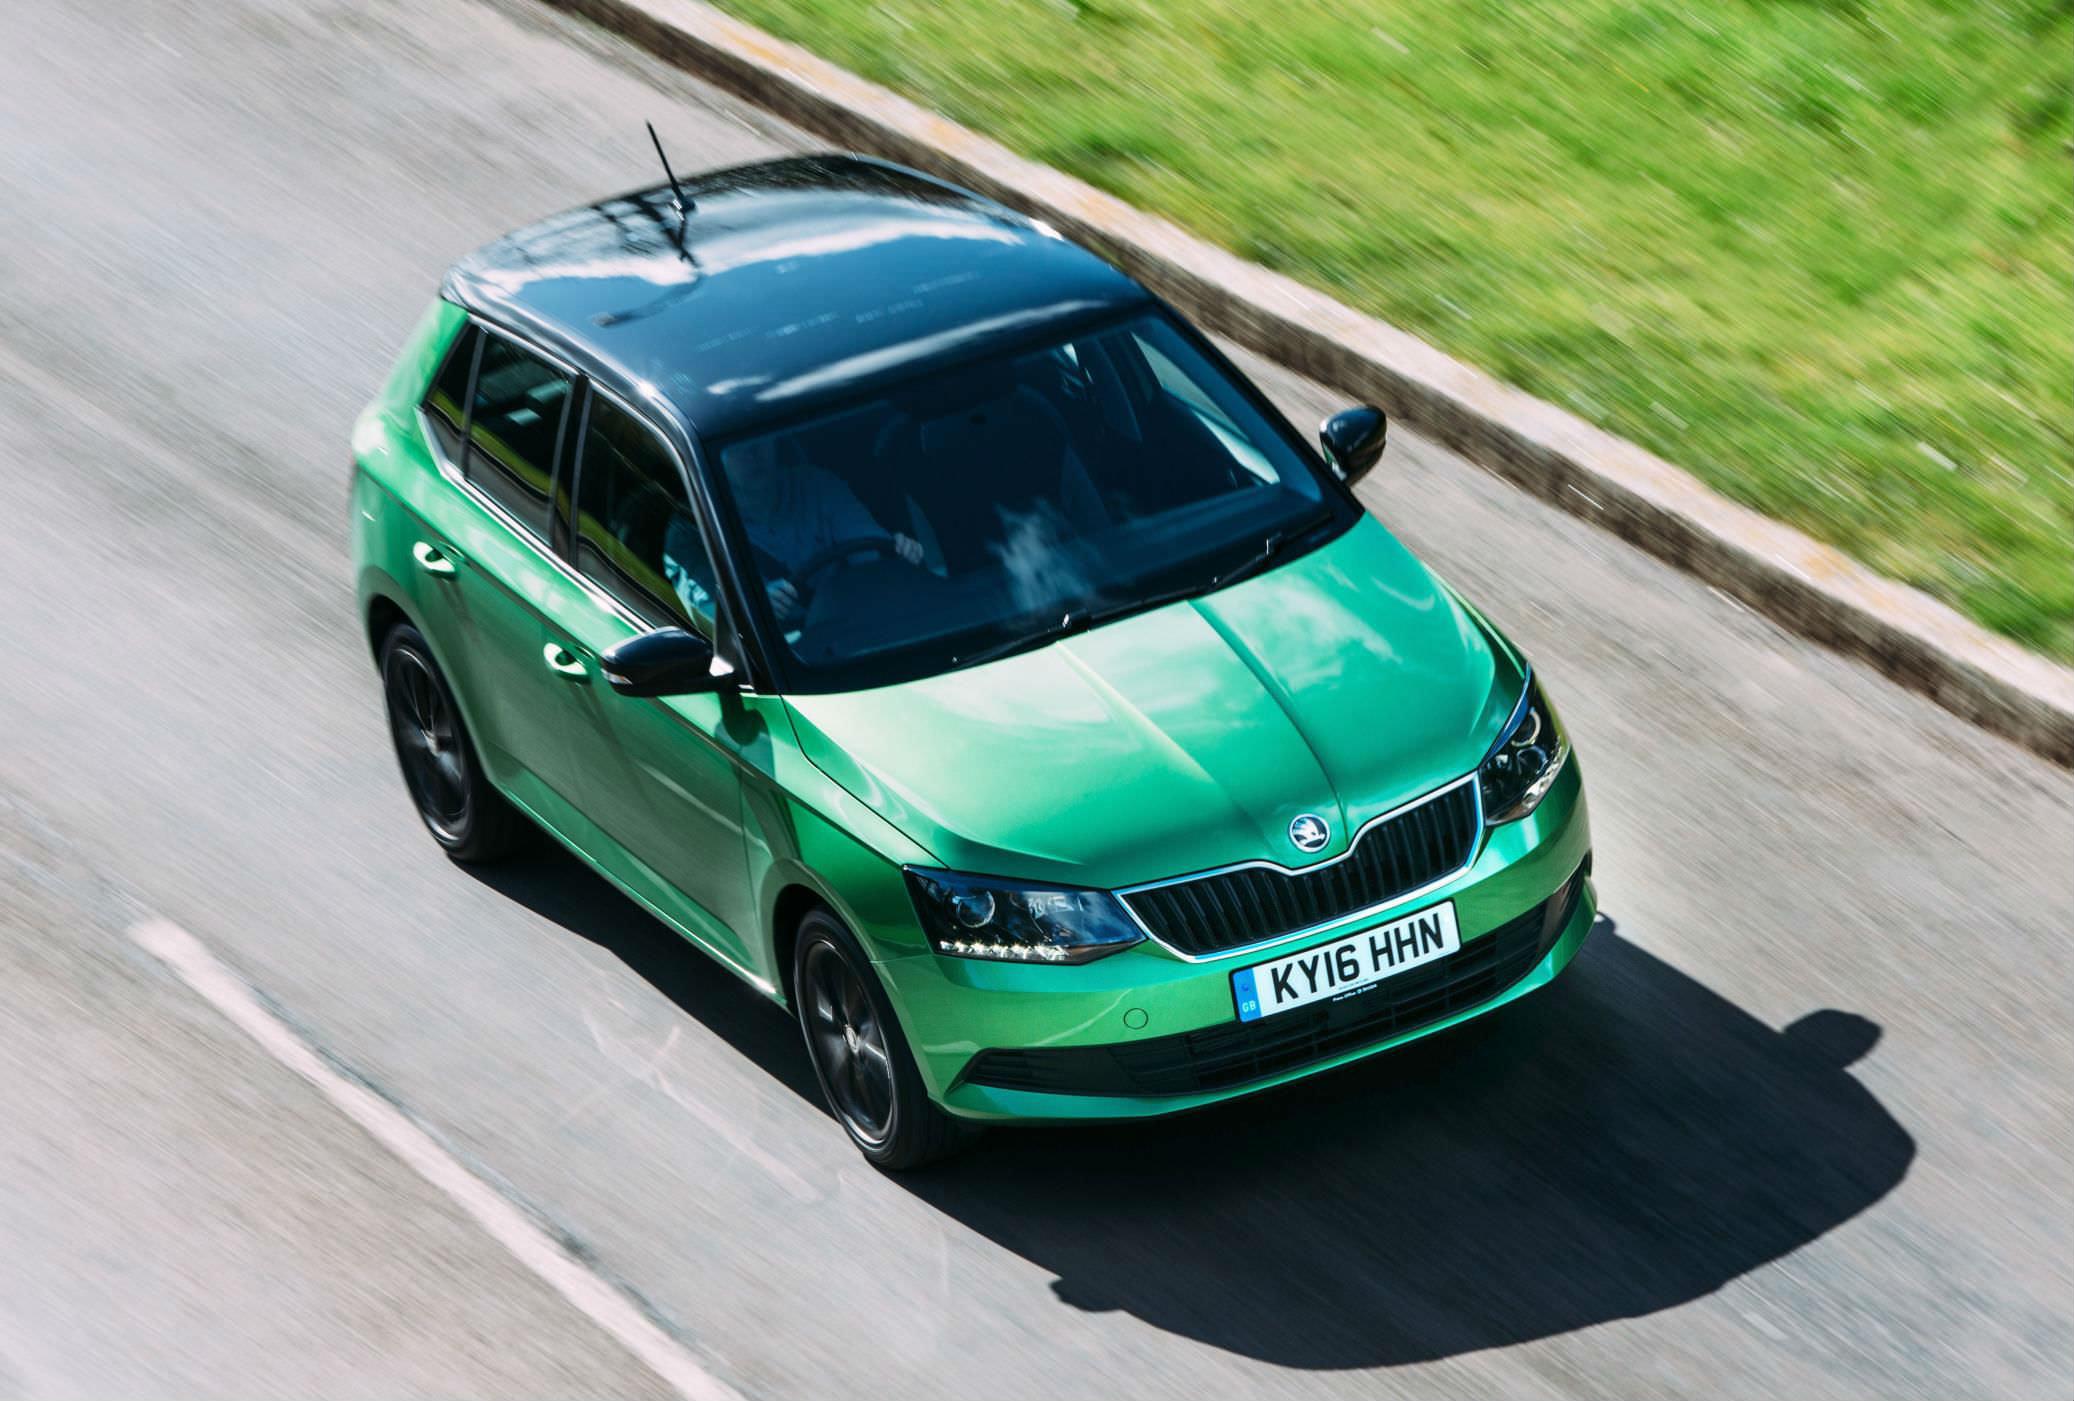 image of a green skoda fabia car exterior